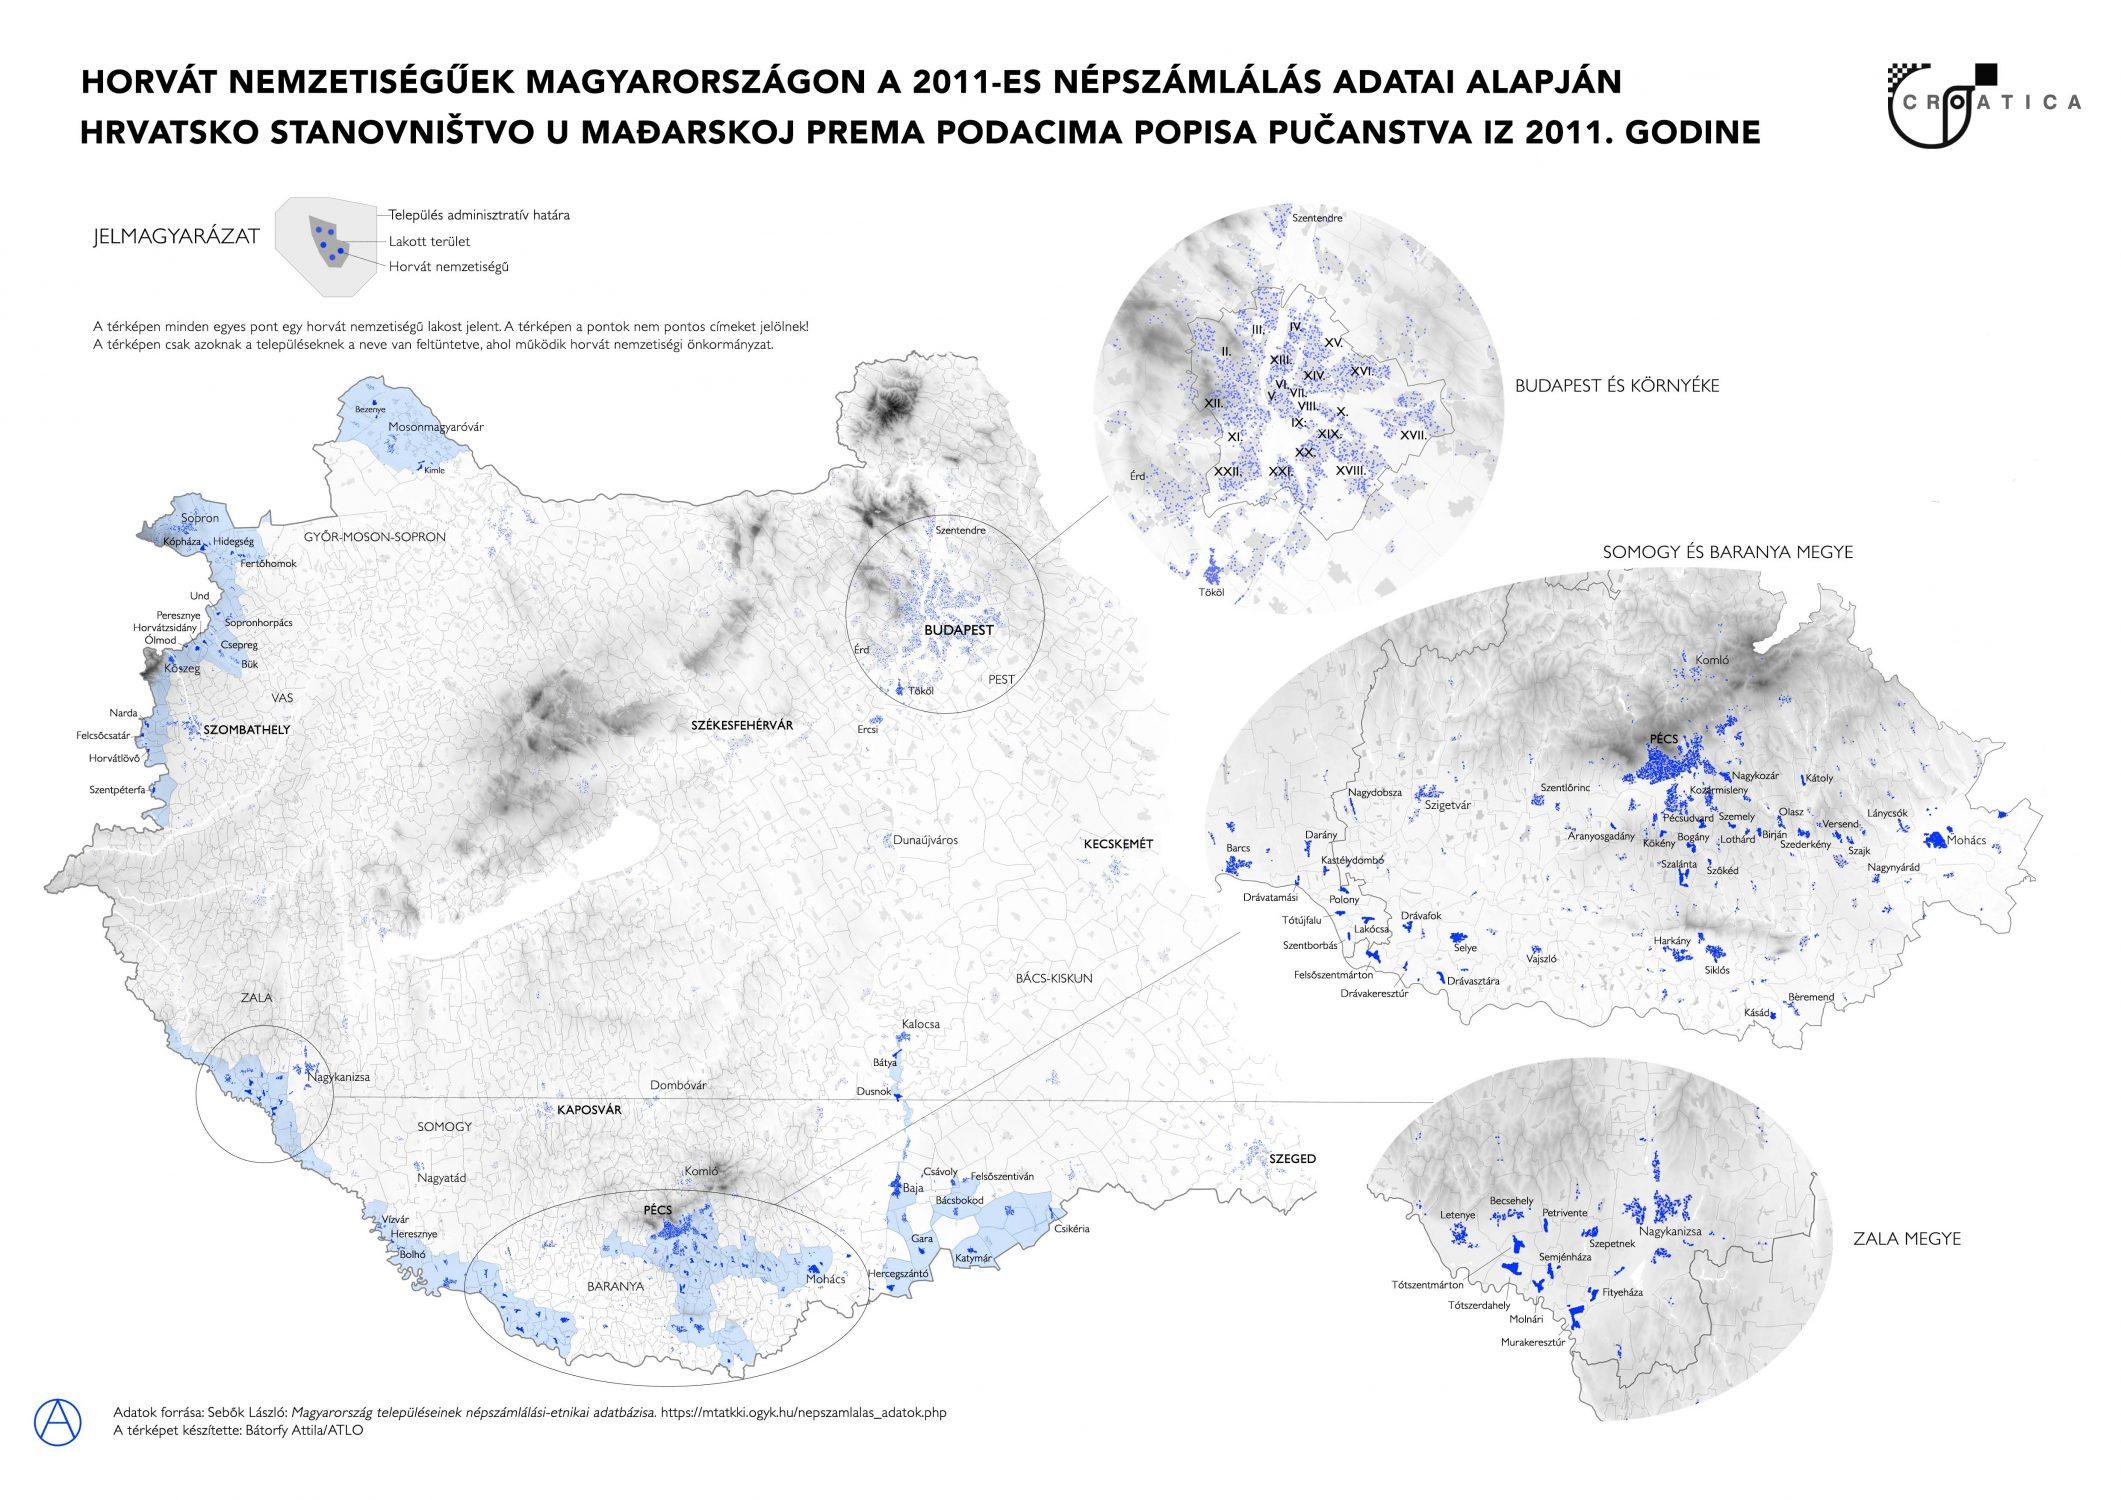 Horvátok Magyarországon a 2011-es népszámlálás alapján / Horvát Nemzetiségi Önkormányzat